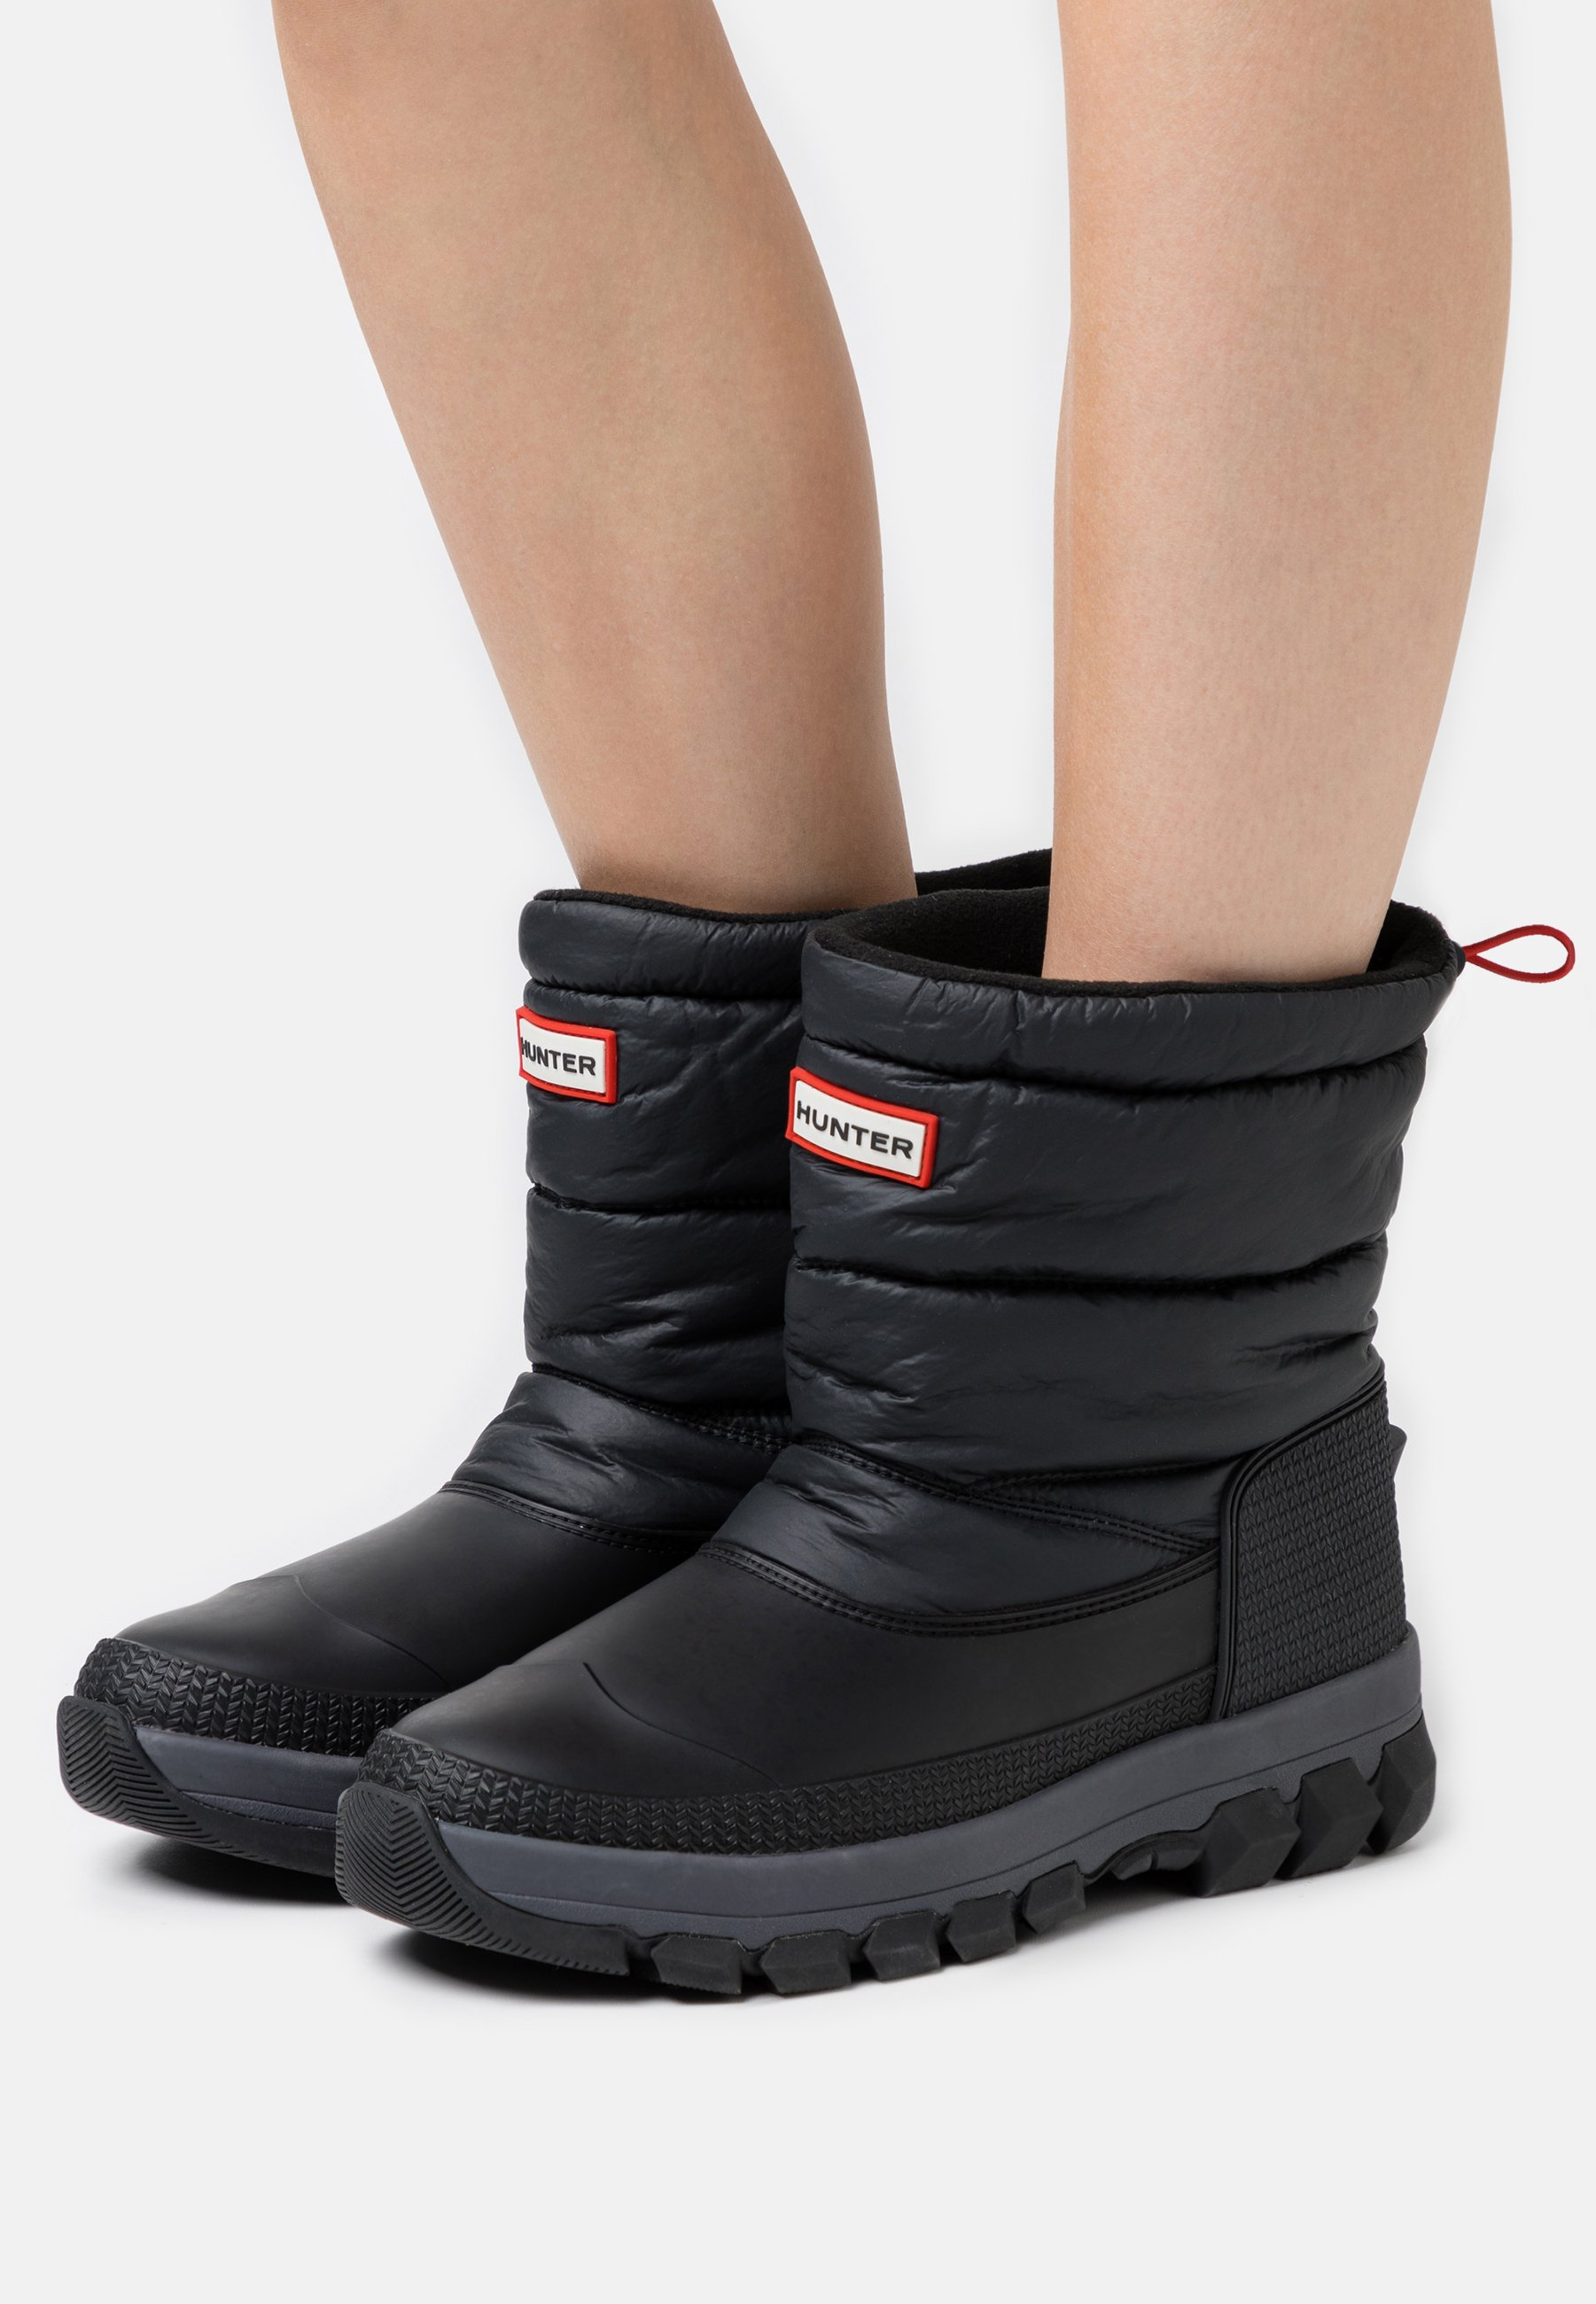 Women ORIGINAL INSULATED SNOW BOOT SHORT VEGAN - Winter boots - Winter boots